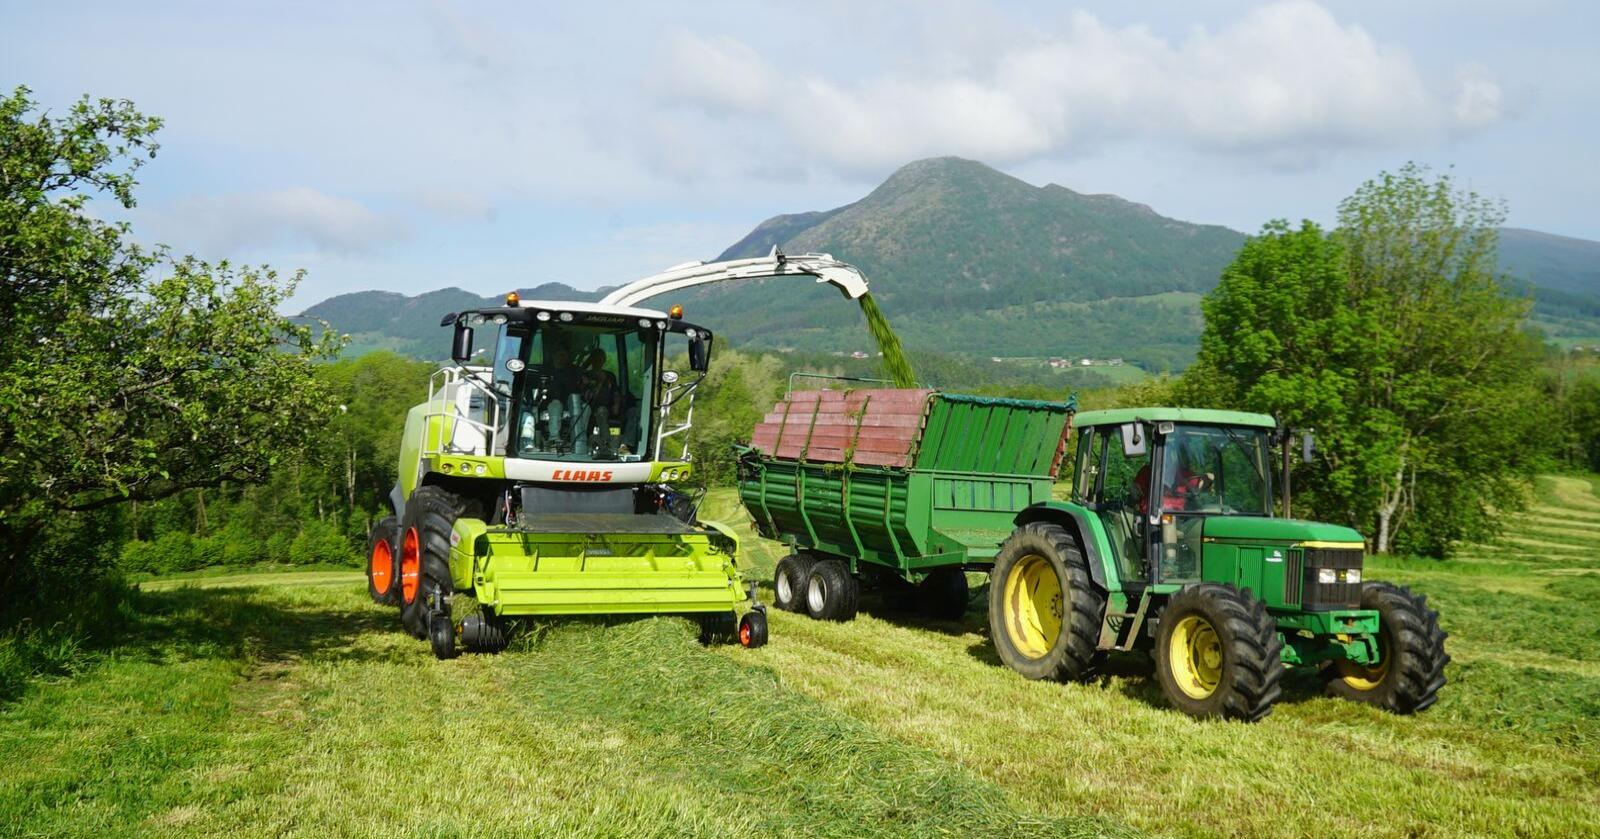 Sein og etterhvert tørr vår skaper utfordringer for grasavlingene noen steder i landet. Arkivfoto: Traktor